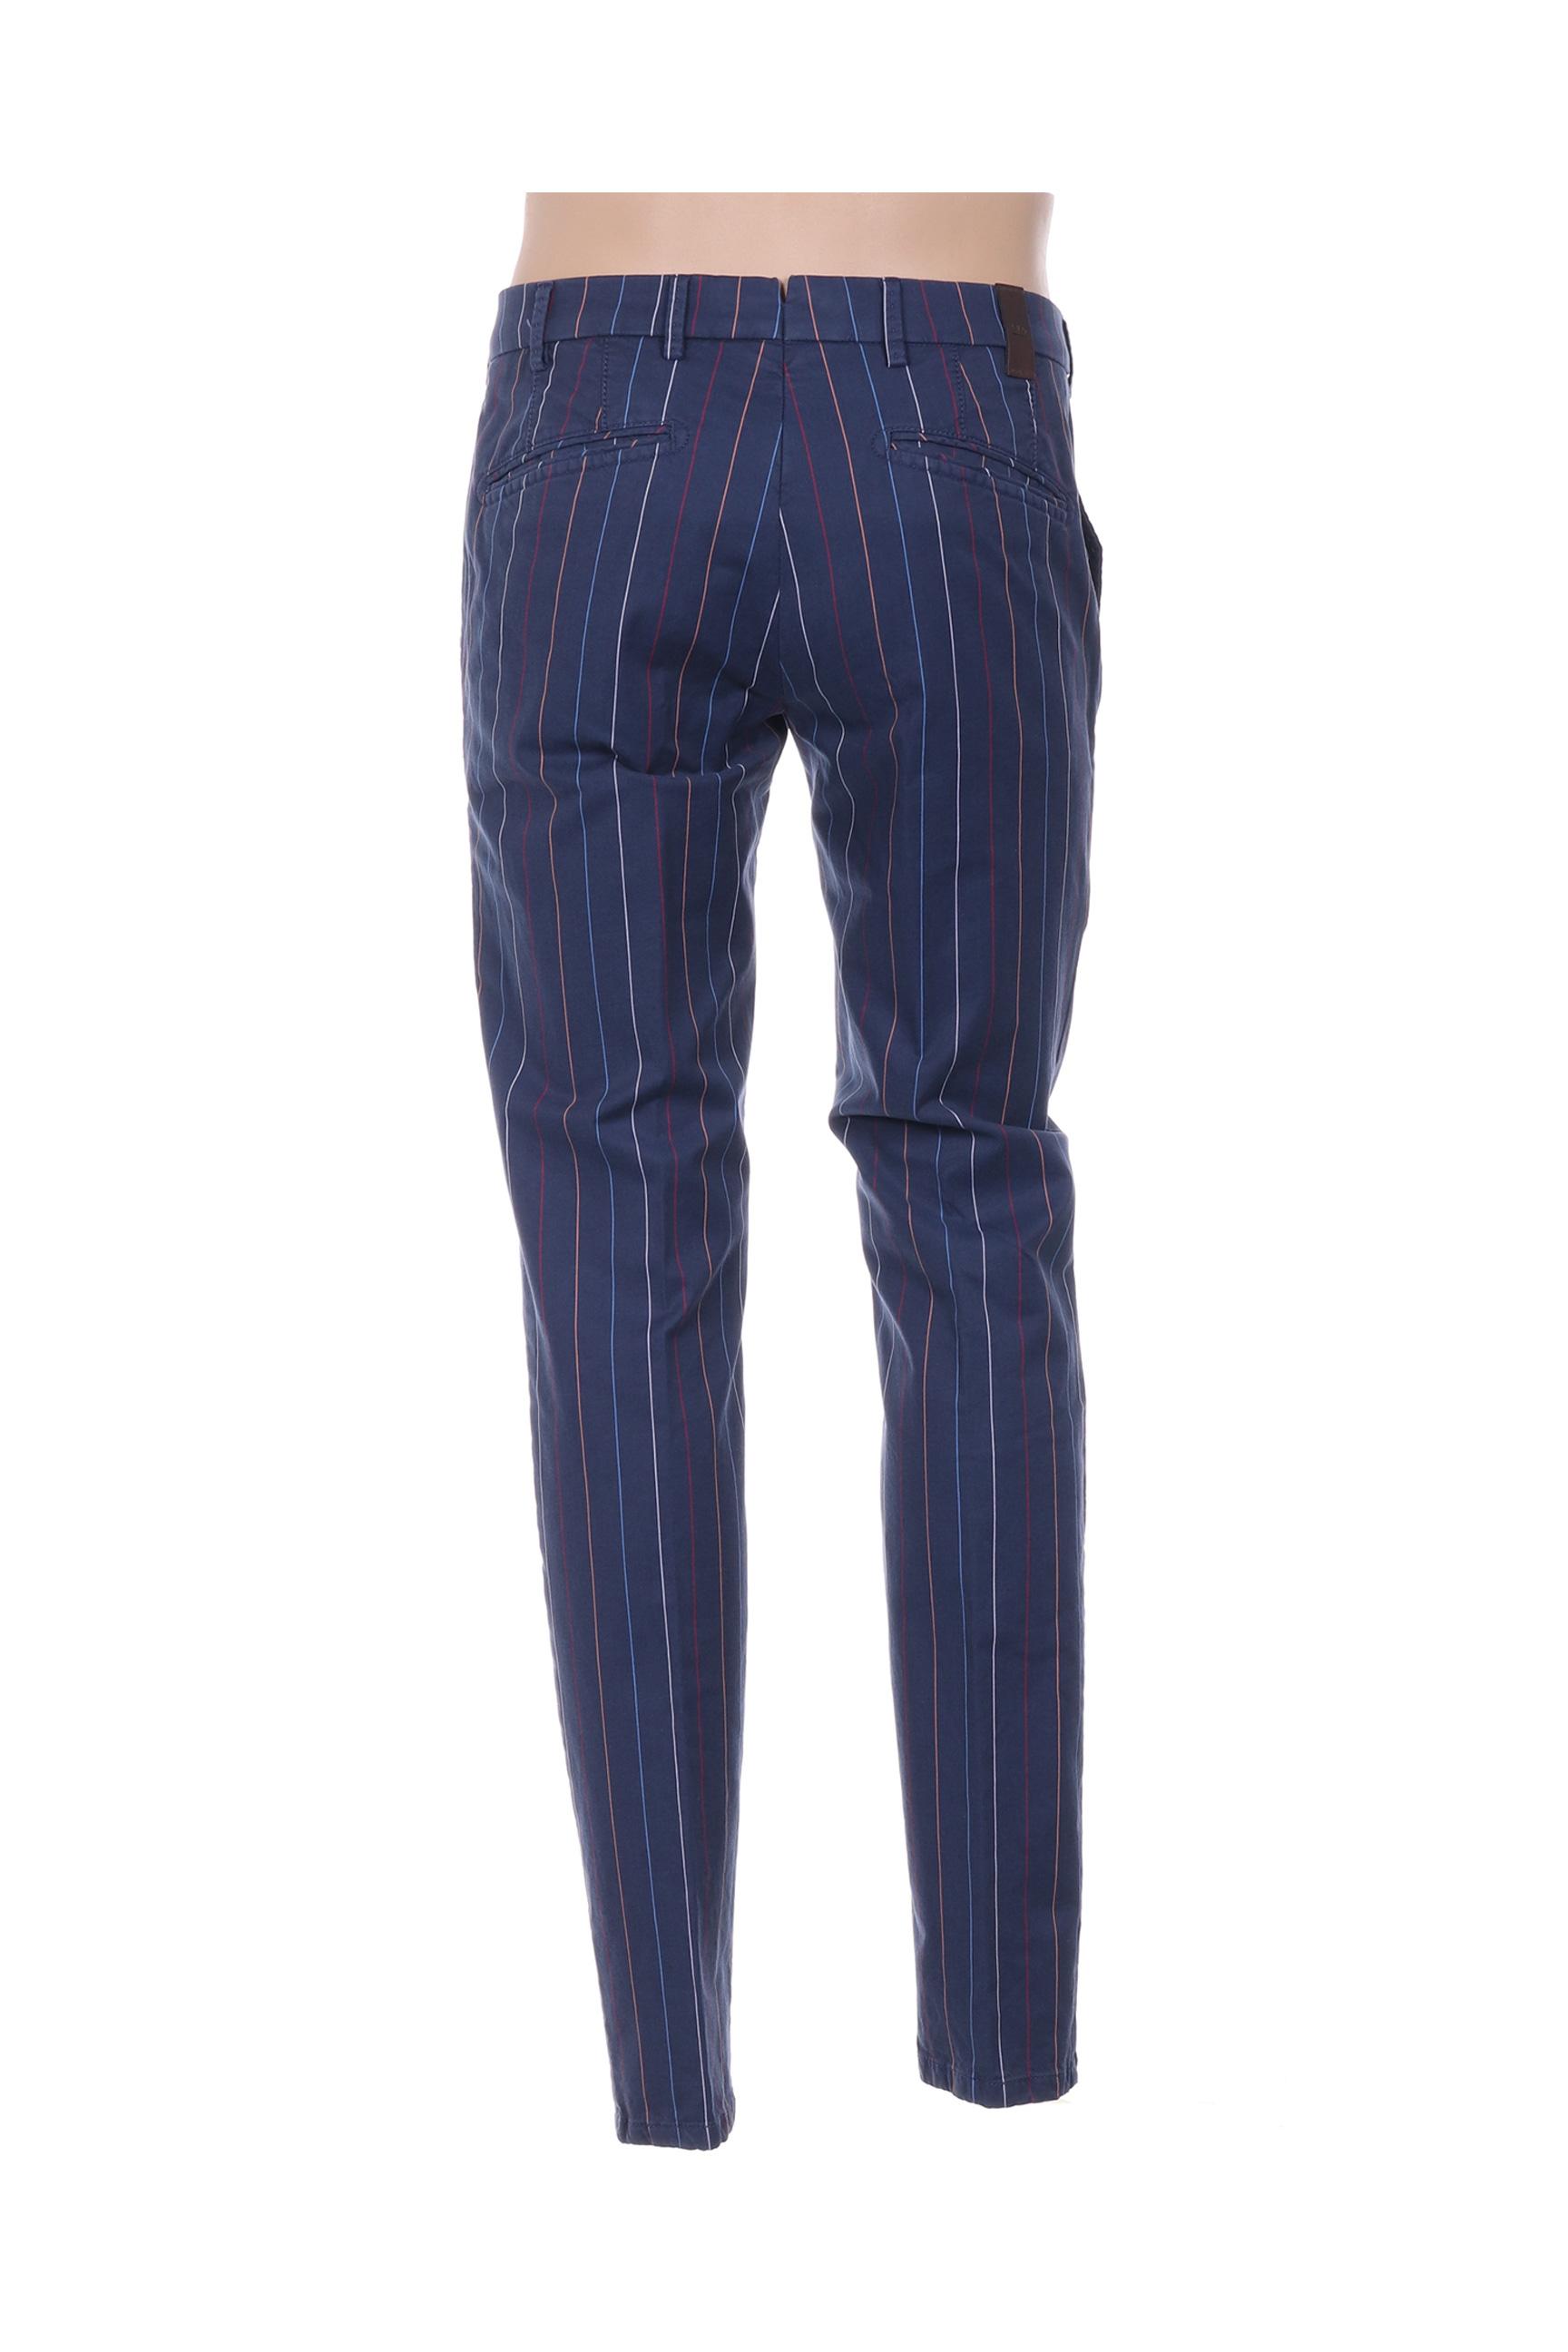 Mmx Pantalons Citadins Homme De Couleur Bleu En Soldes Pas Cher 1360615-bleu00